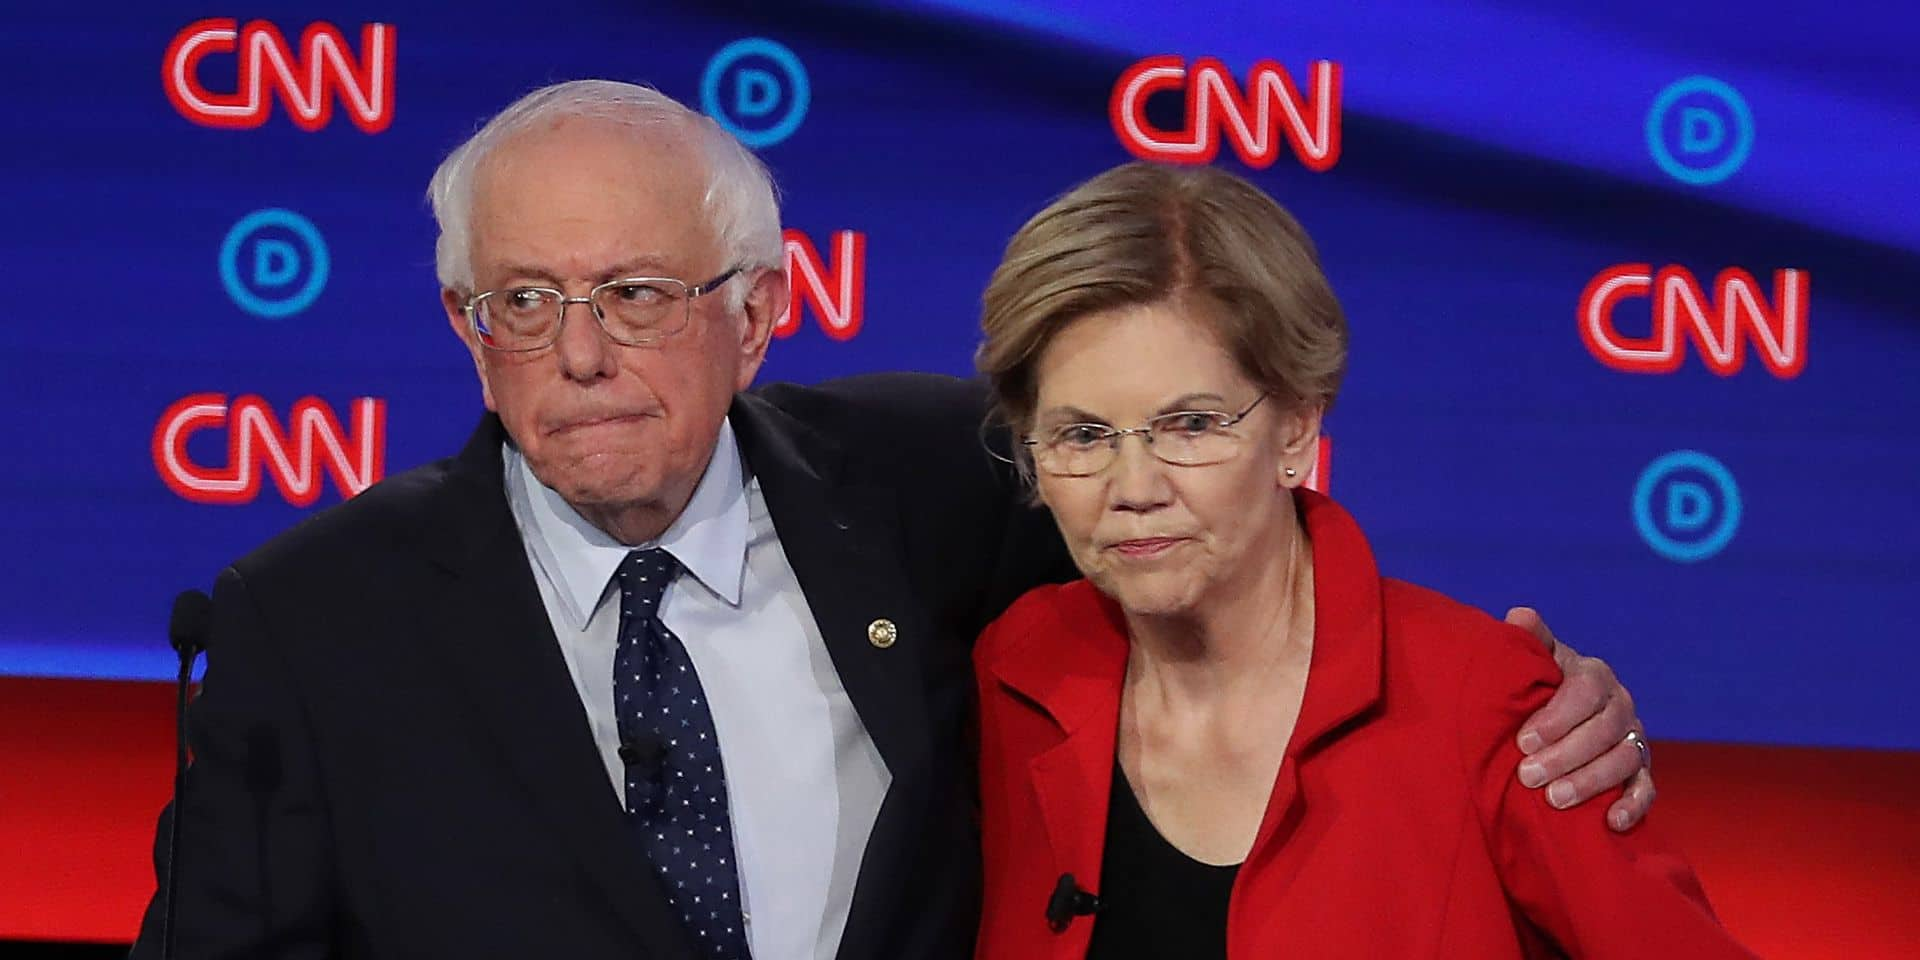 Bernie Sanders et Elizabeth Warren sont-ils trop à gauche pour capter l'électorat centriste américain?